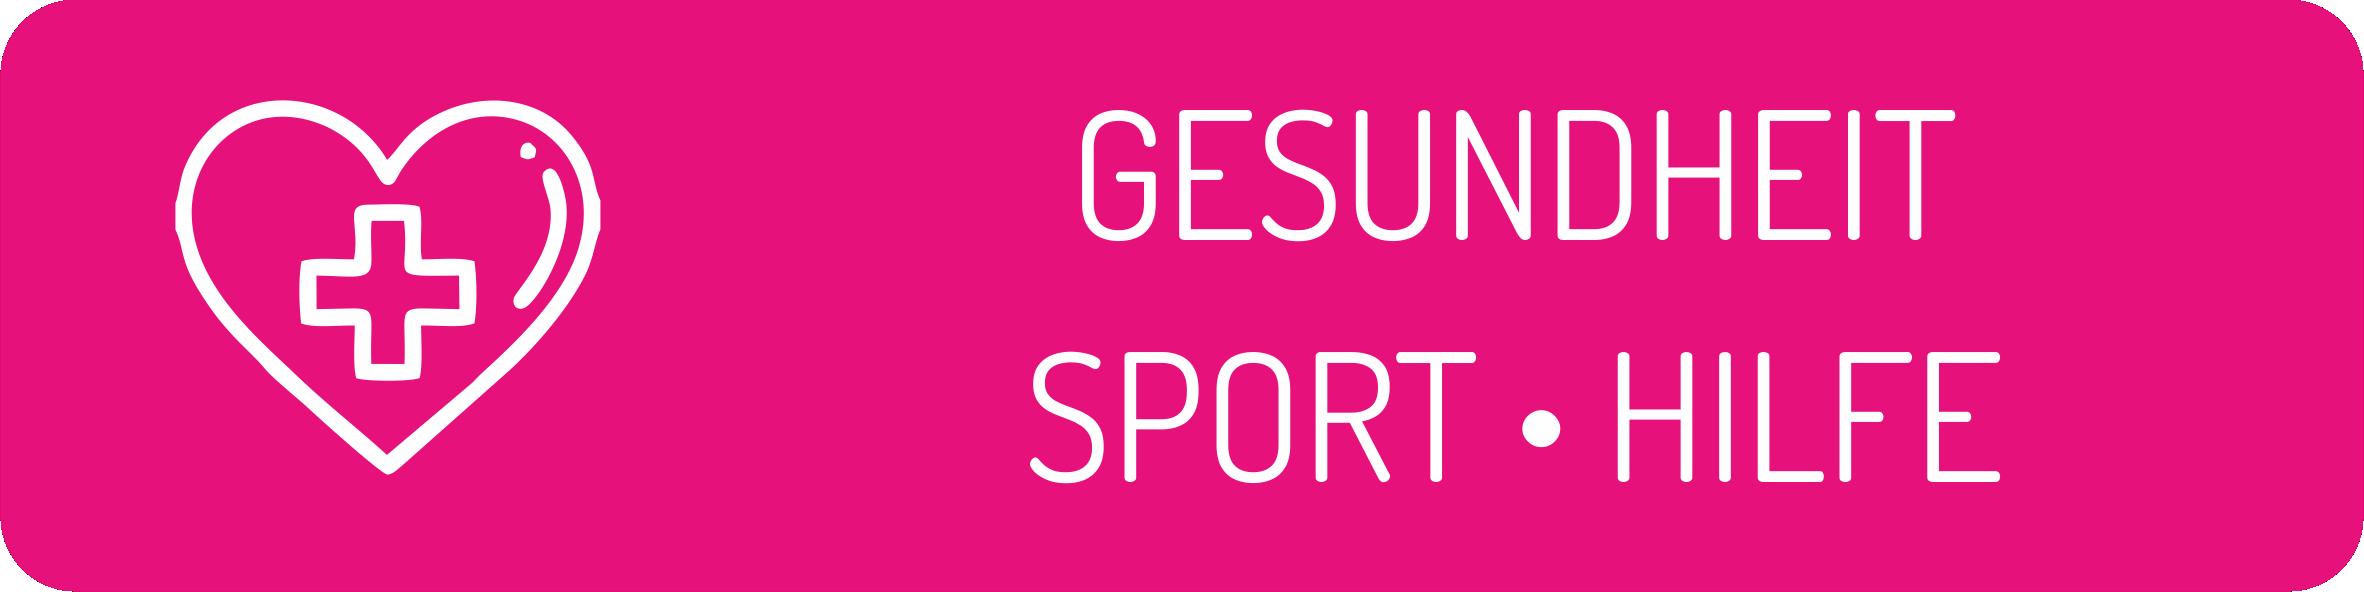 Gesundheit - Sport - Hilfe